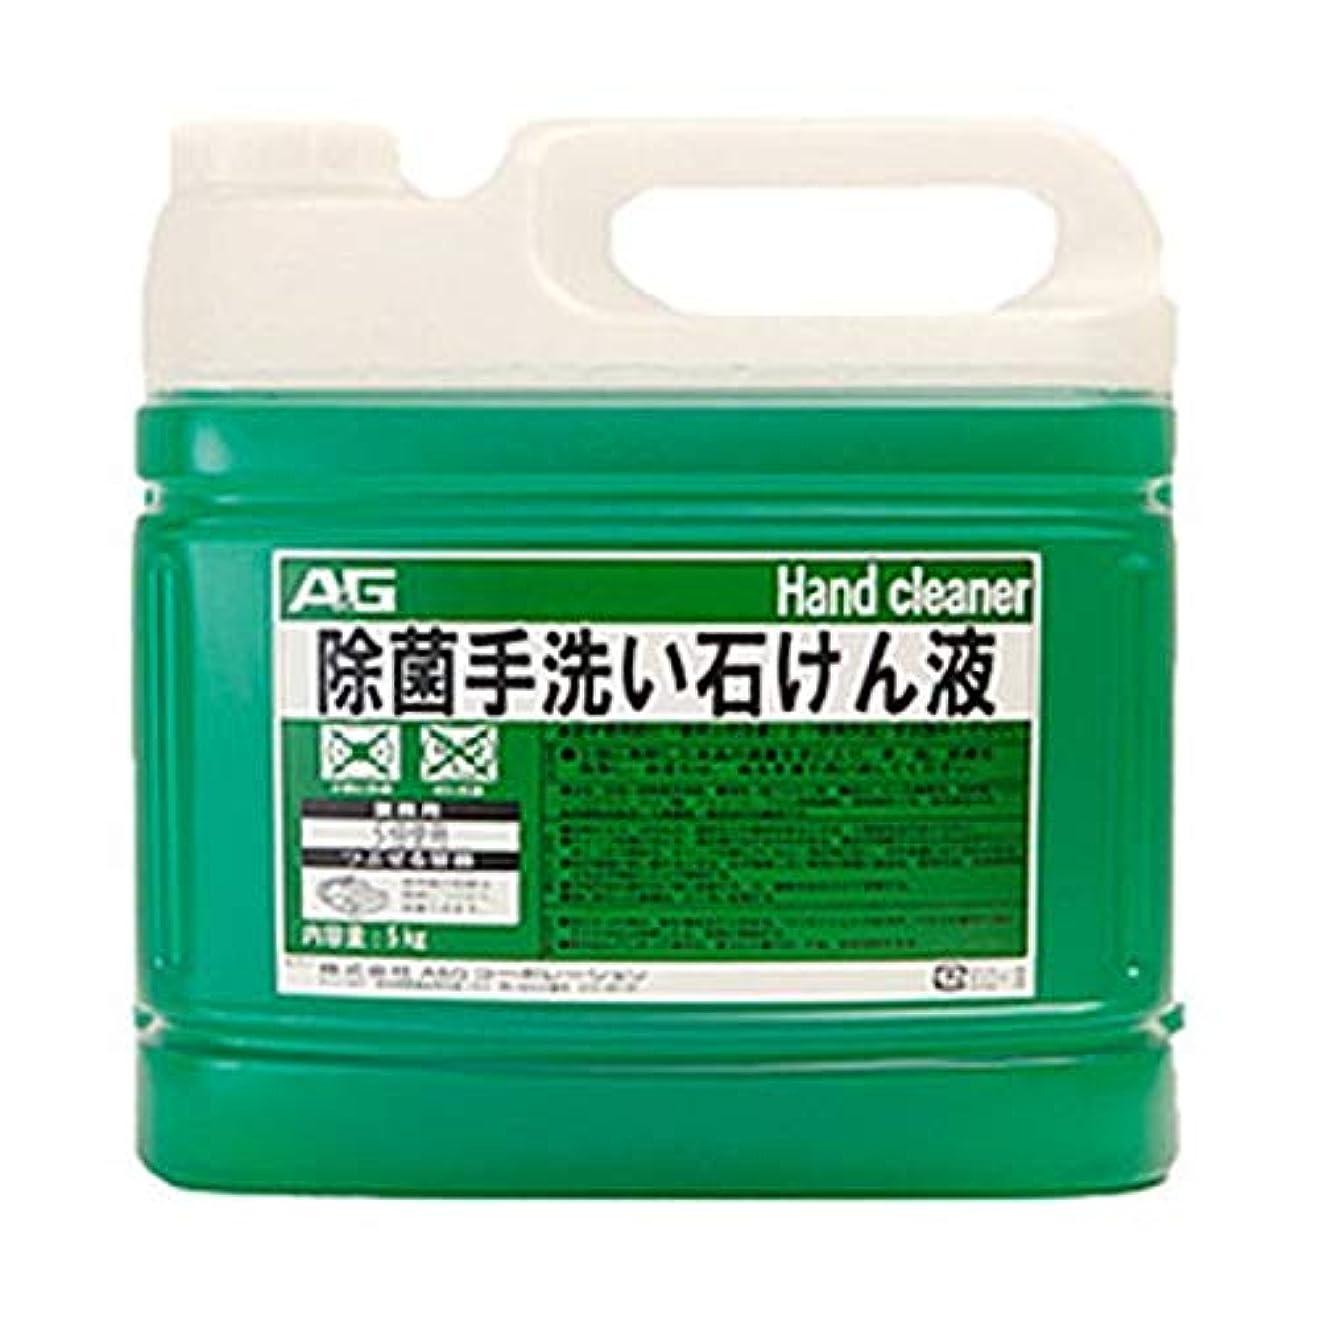 こどもセンター脆い取り囲む(まとめ)A&Gコーポレーション 手洗い石鹸液5kg(泡 希釈タイプ) 1本【×2セット】 ダイエット 健康 衛生用品 ハンドソープ 14067381 [並行輸入品]